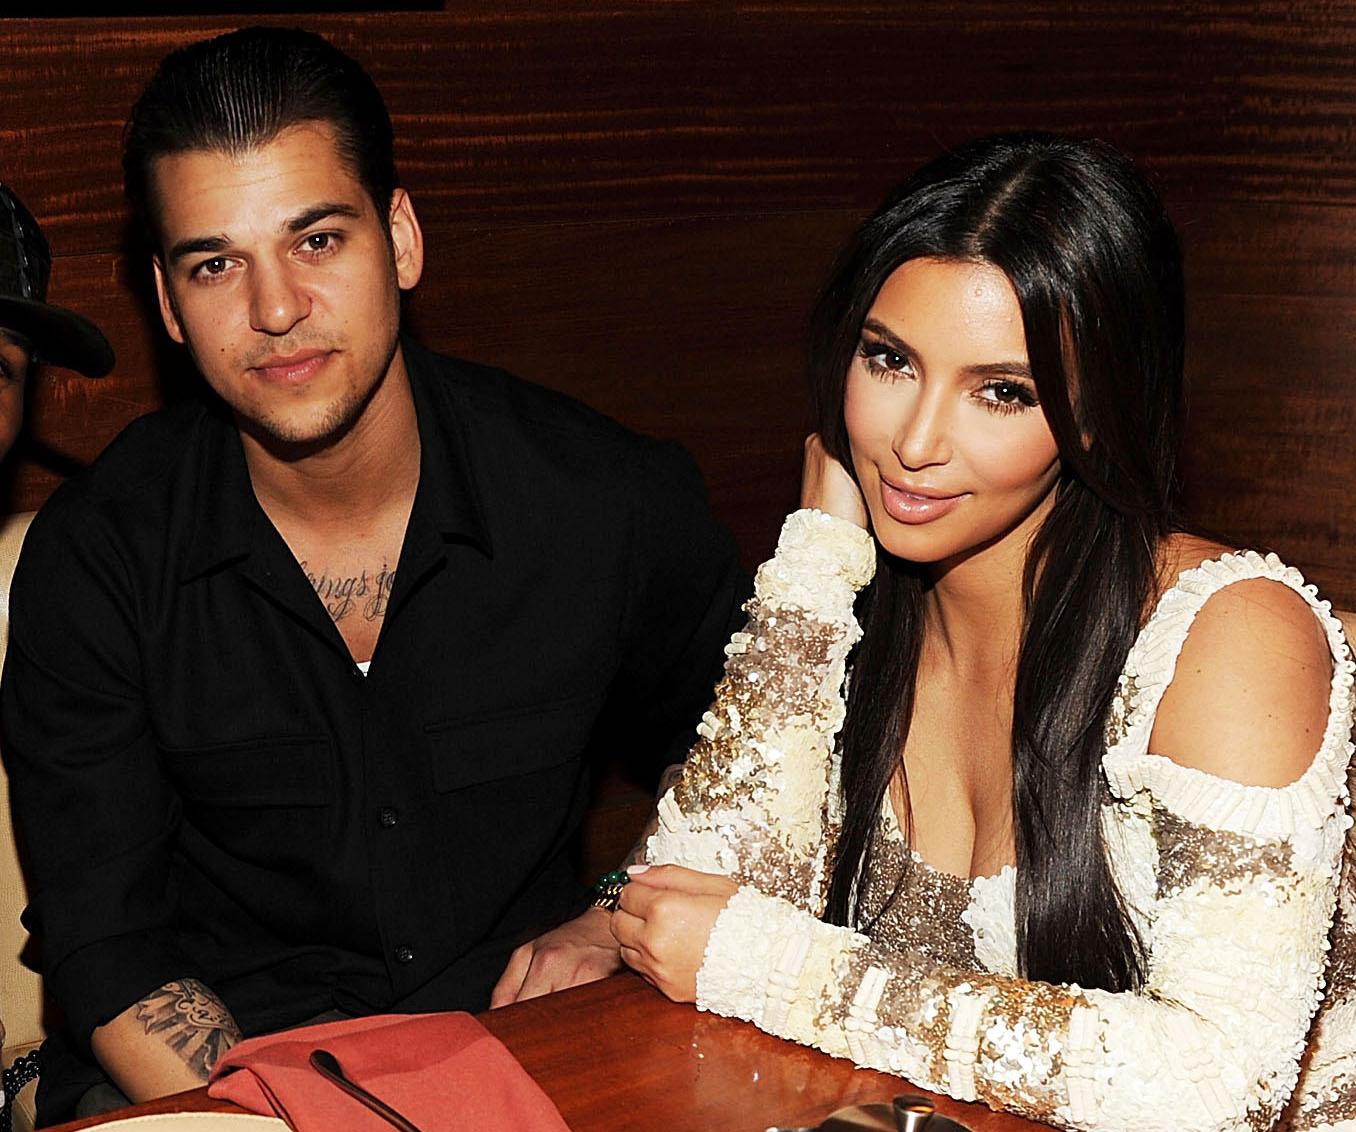 Rob and Kim